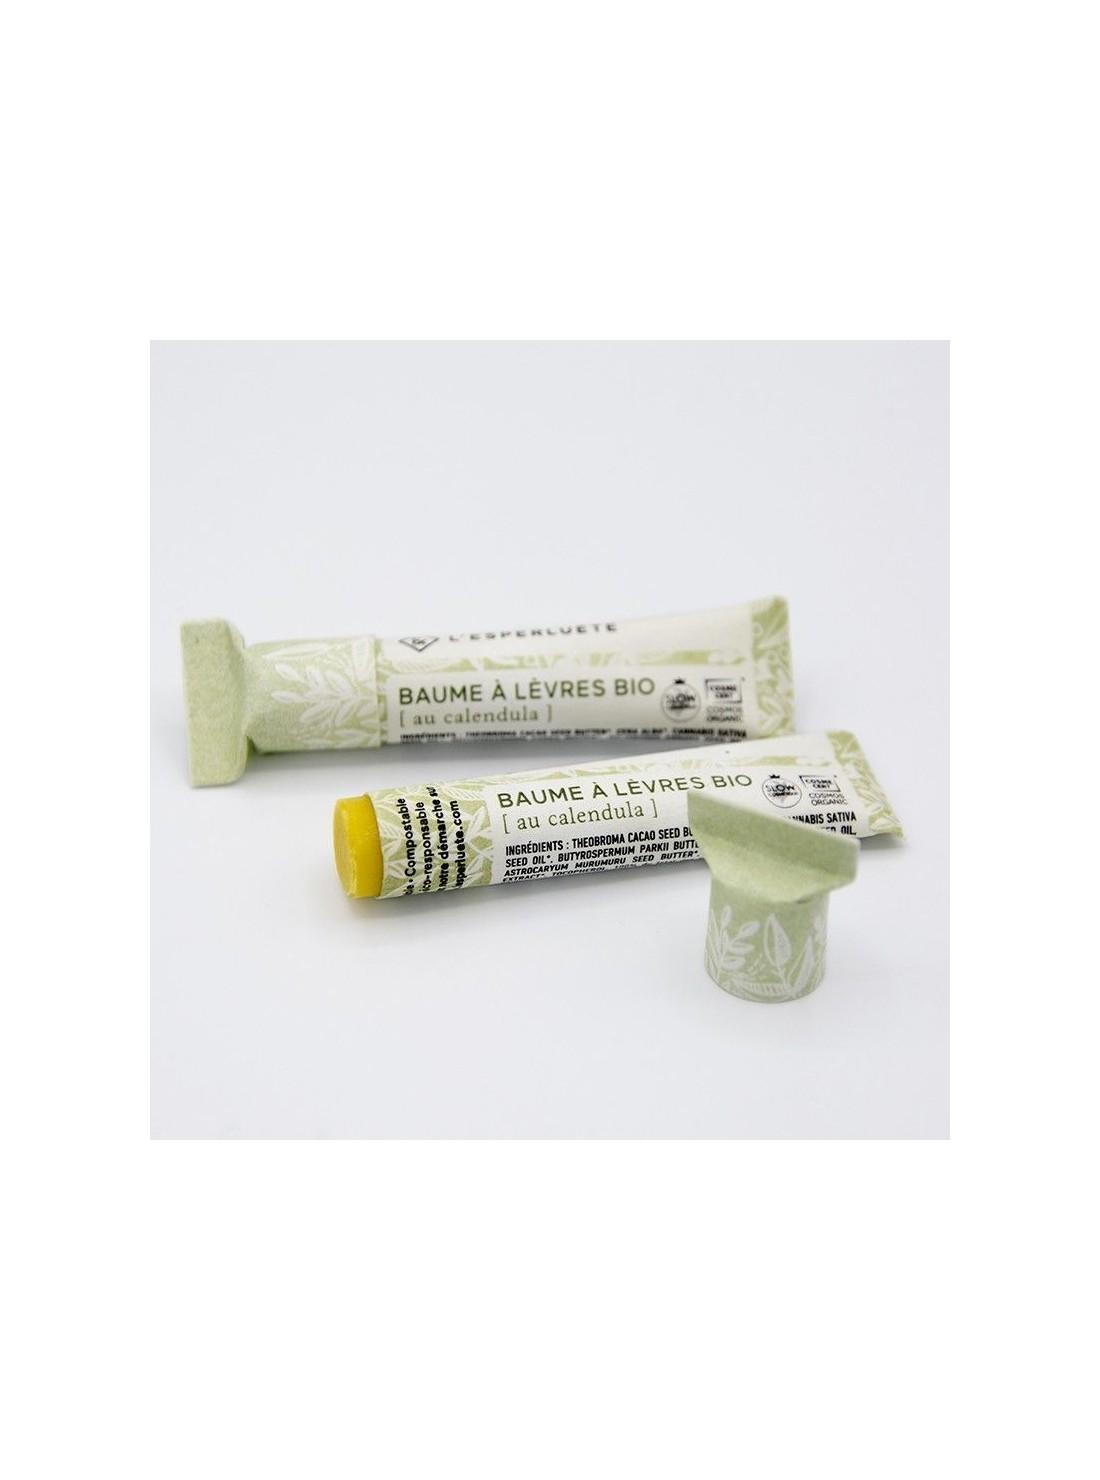 Photo détourée Baume à lèvres bio calendula L'esperluète